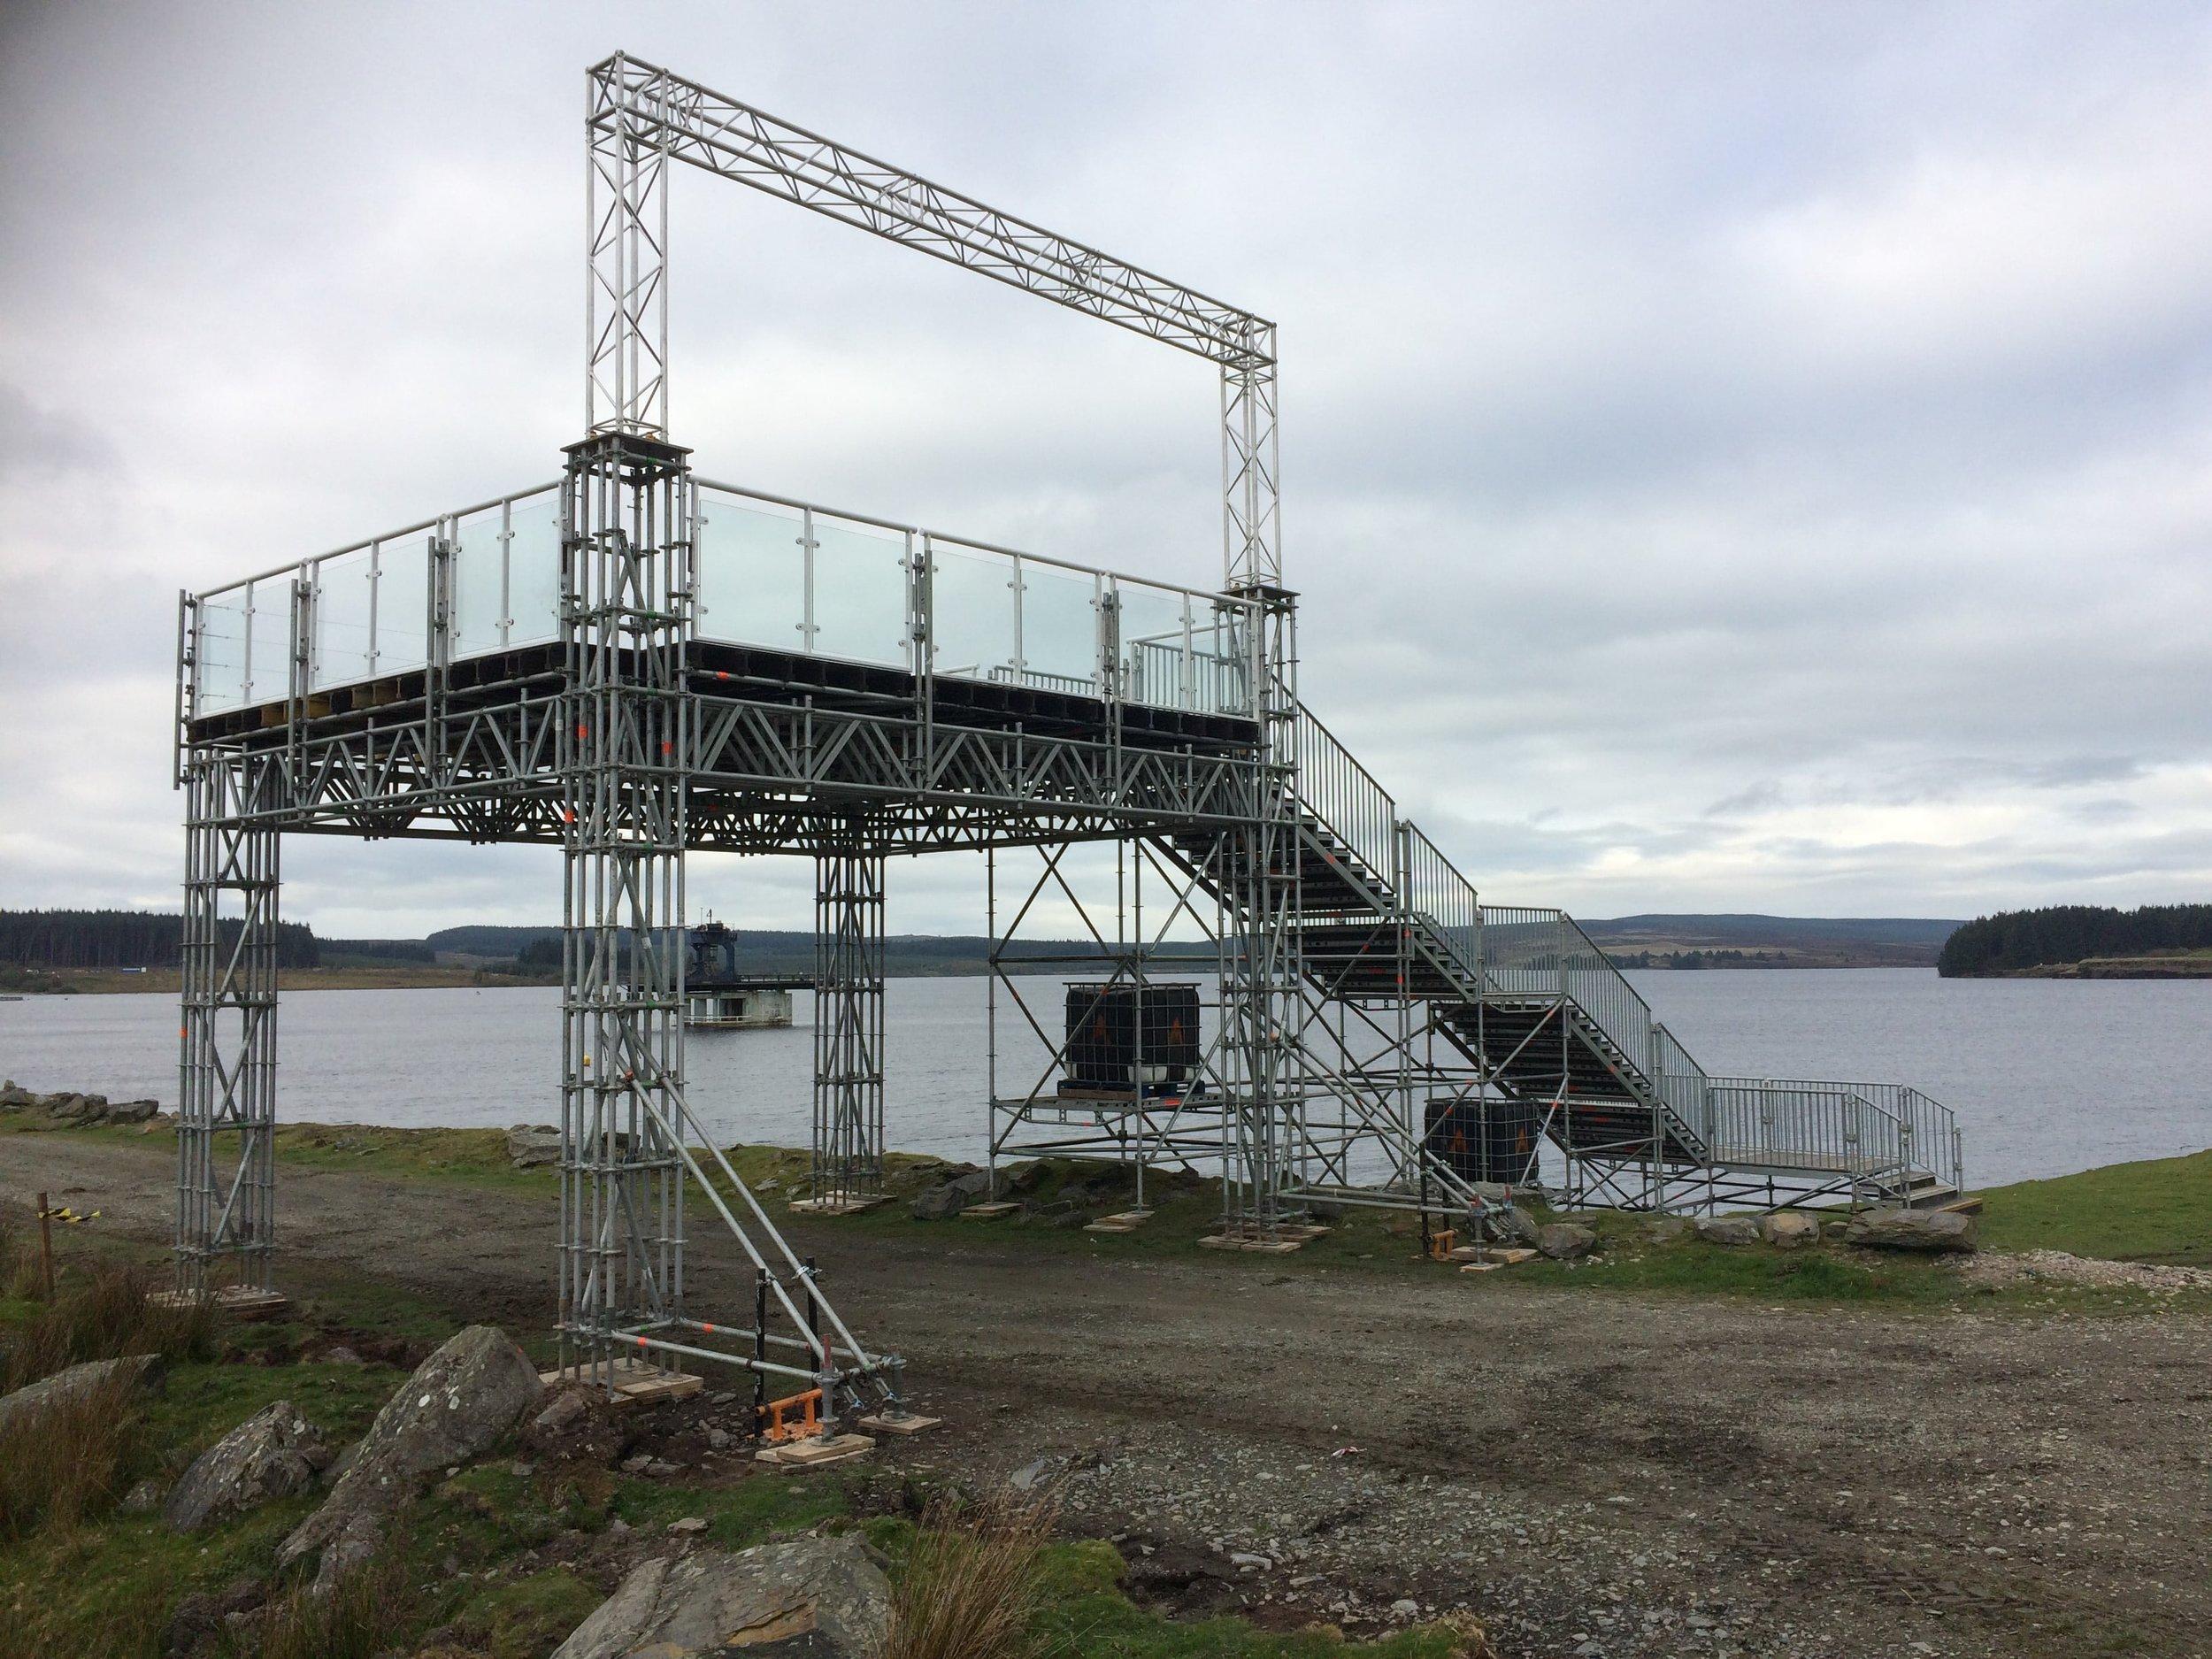 Bespoke temporary platform design